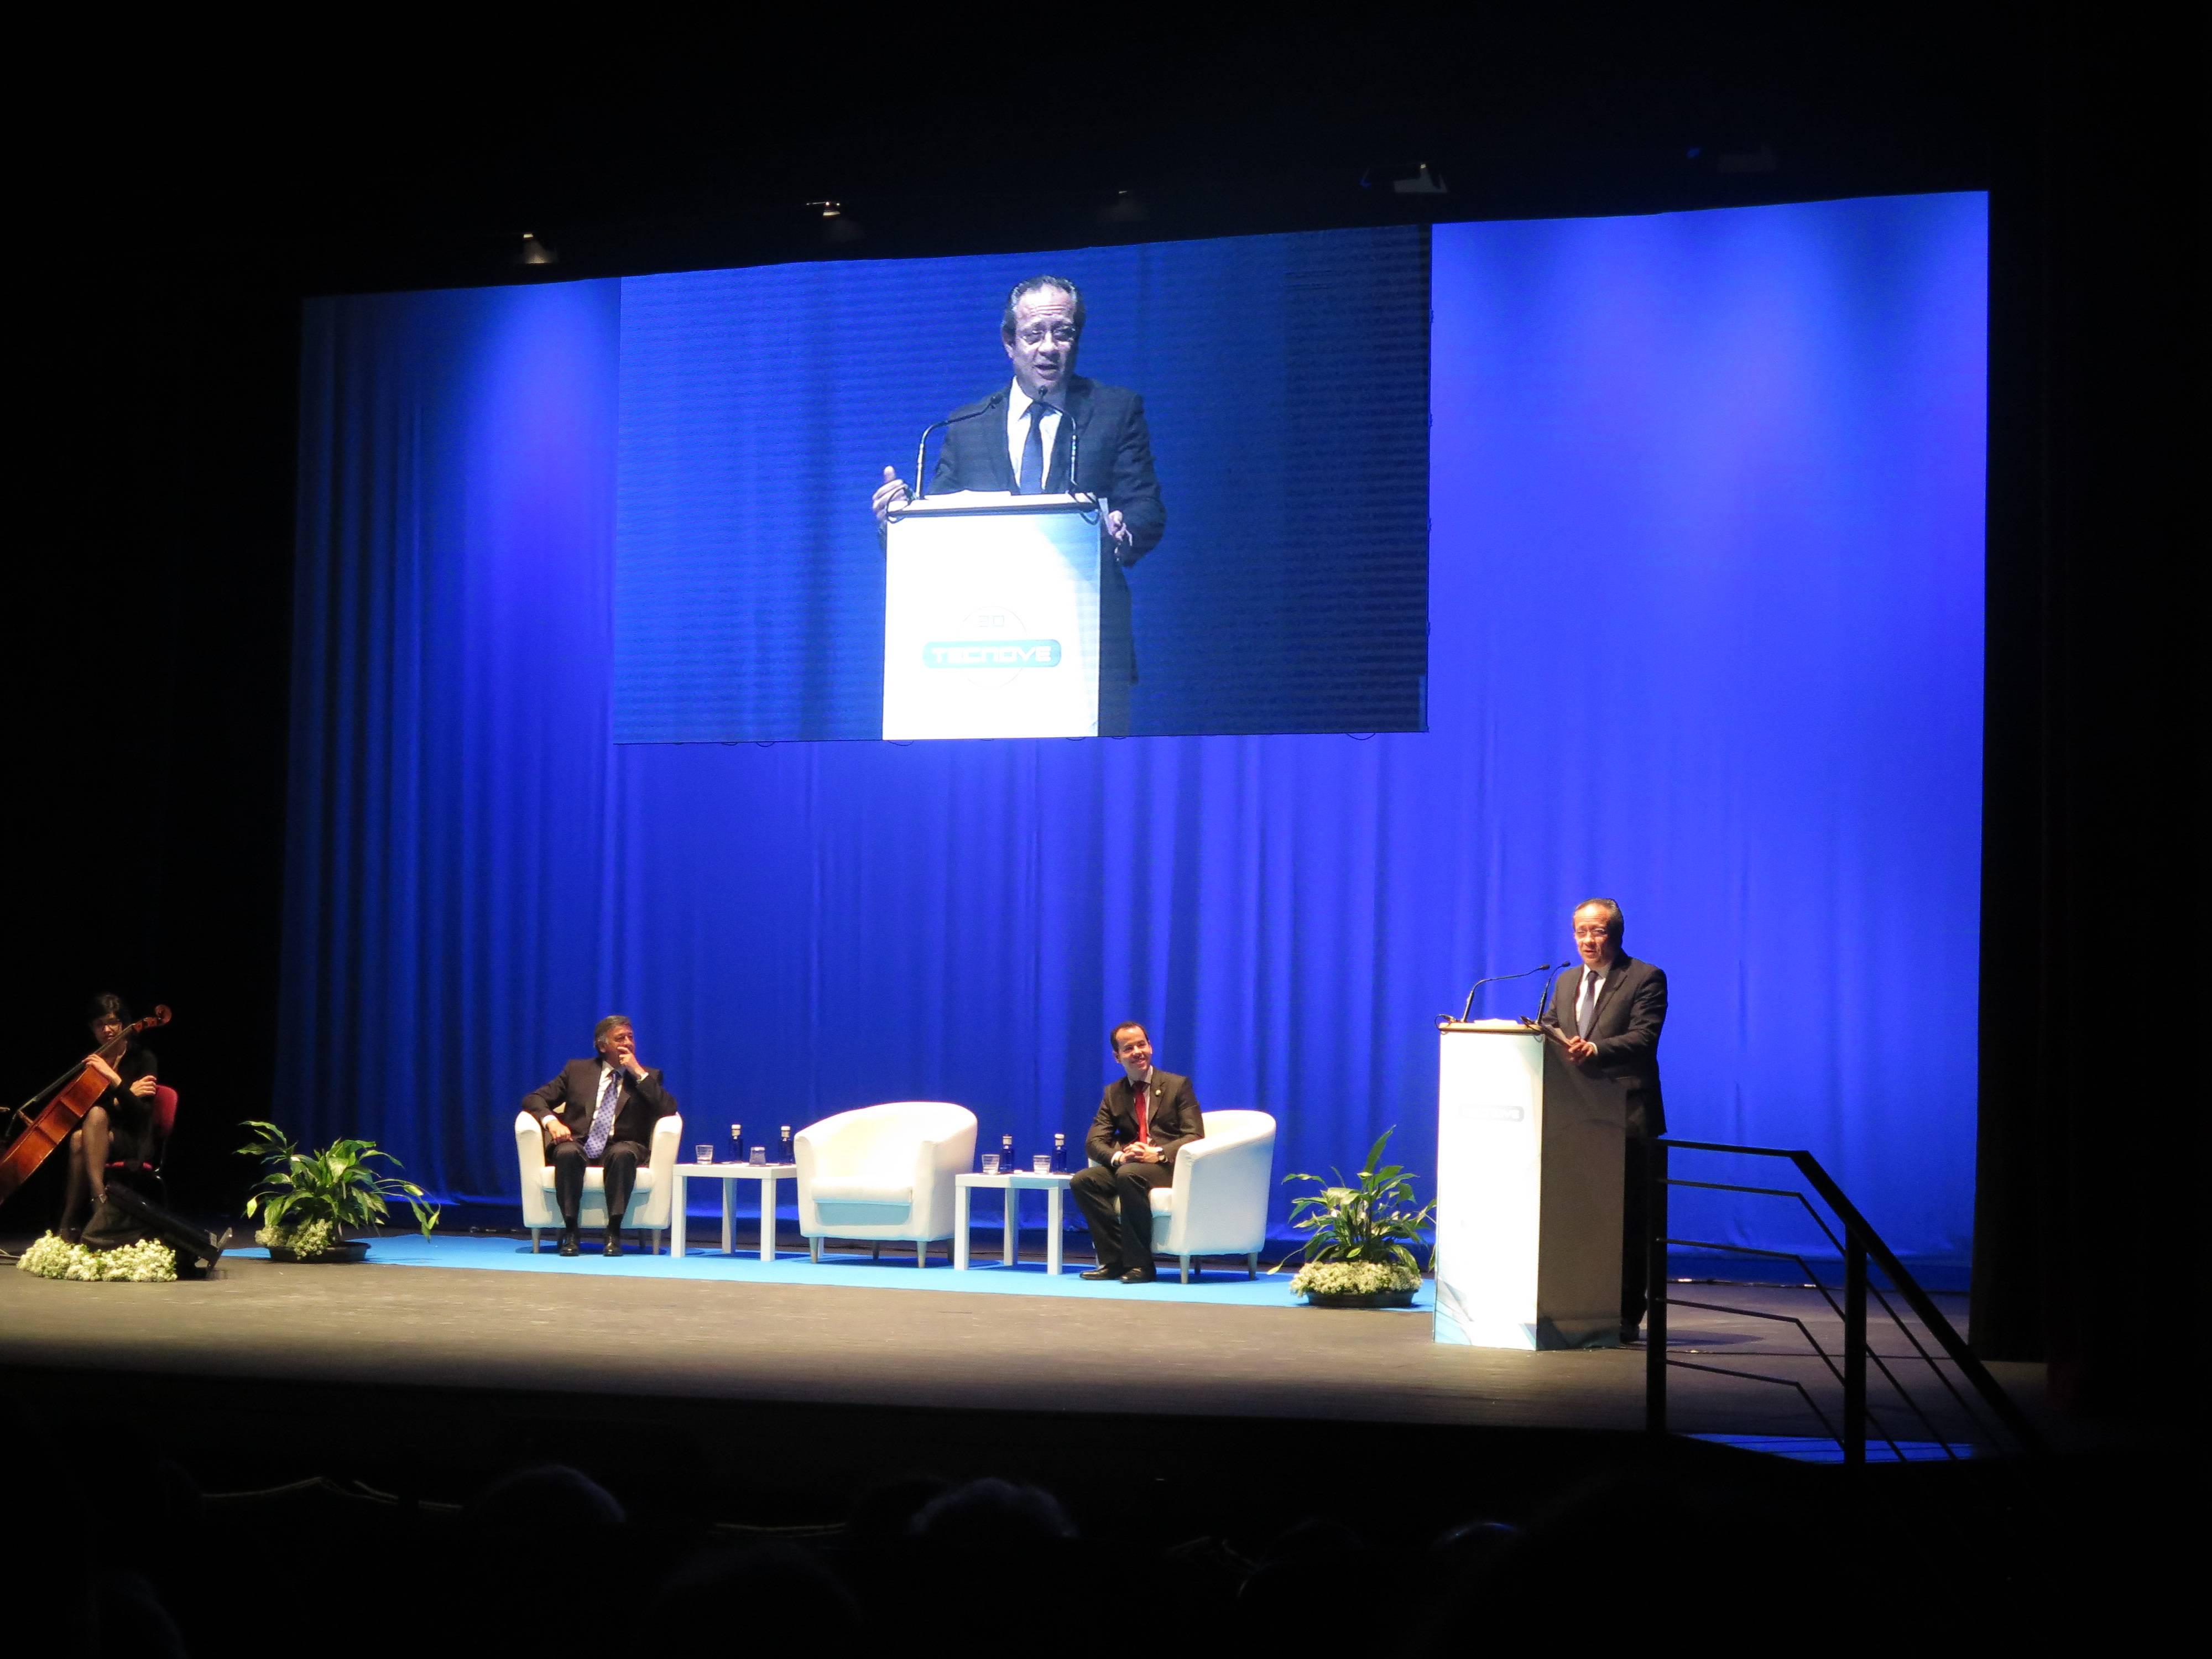 El Plan Adelante tiene el objetivo de que las empresas de la región innoven y sean más competitivas para generar riqueza y empleo